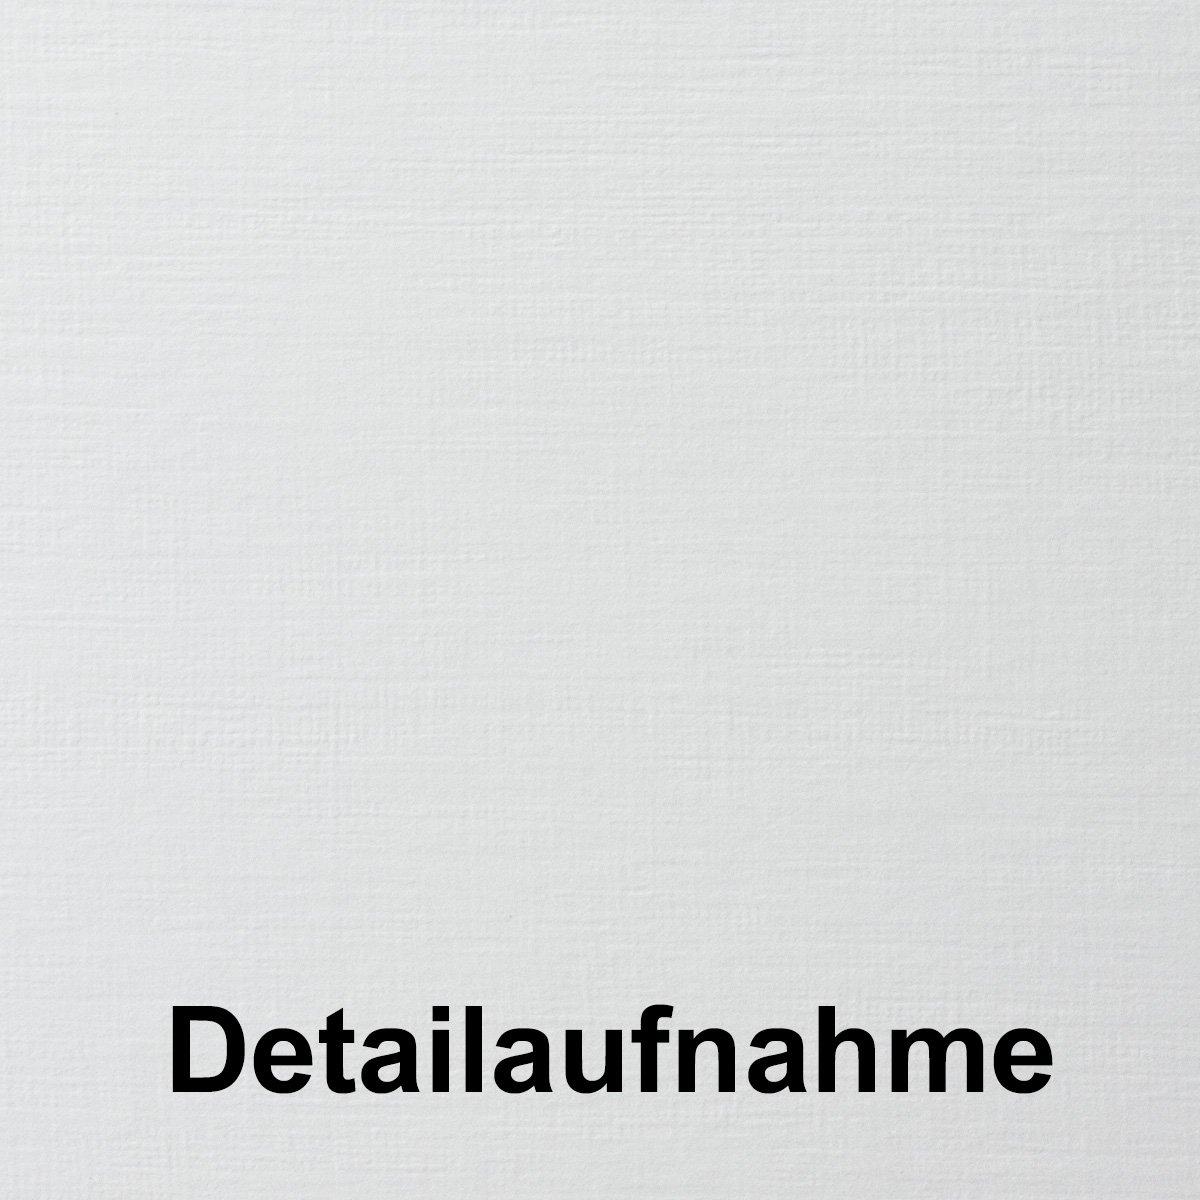 700 Stück Einzelkarten Einzelkarten Einzelkarten DIN Lang Matt   Hochweiß  PREMIUM QUALITÄT - 99 x 210 mm - 250 g m²   sehr formstabil - für Drucker geeignet  Ideal für Grußkarten und Einladungen   GUSTAV NEUSER B073WGHVJS | Optimaler Preis  2ffba0